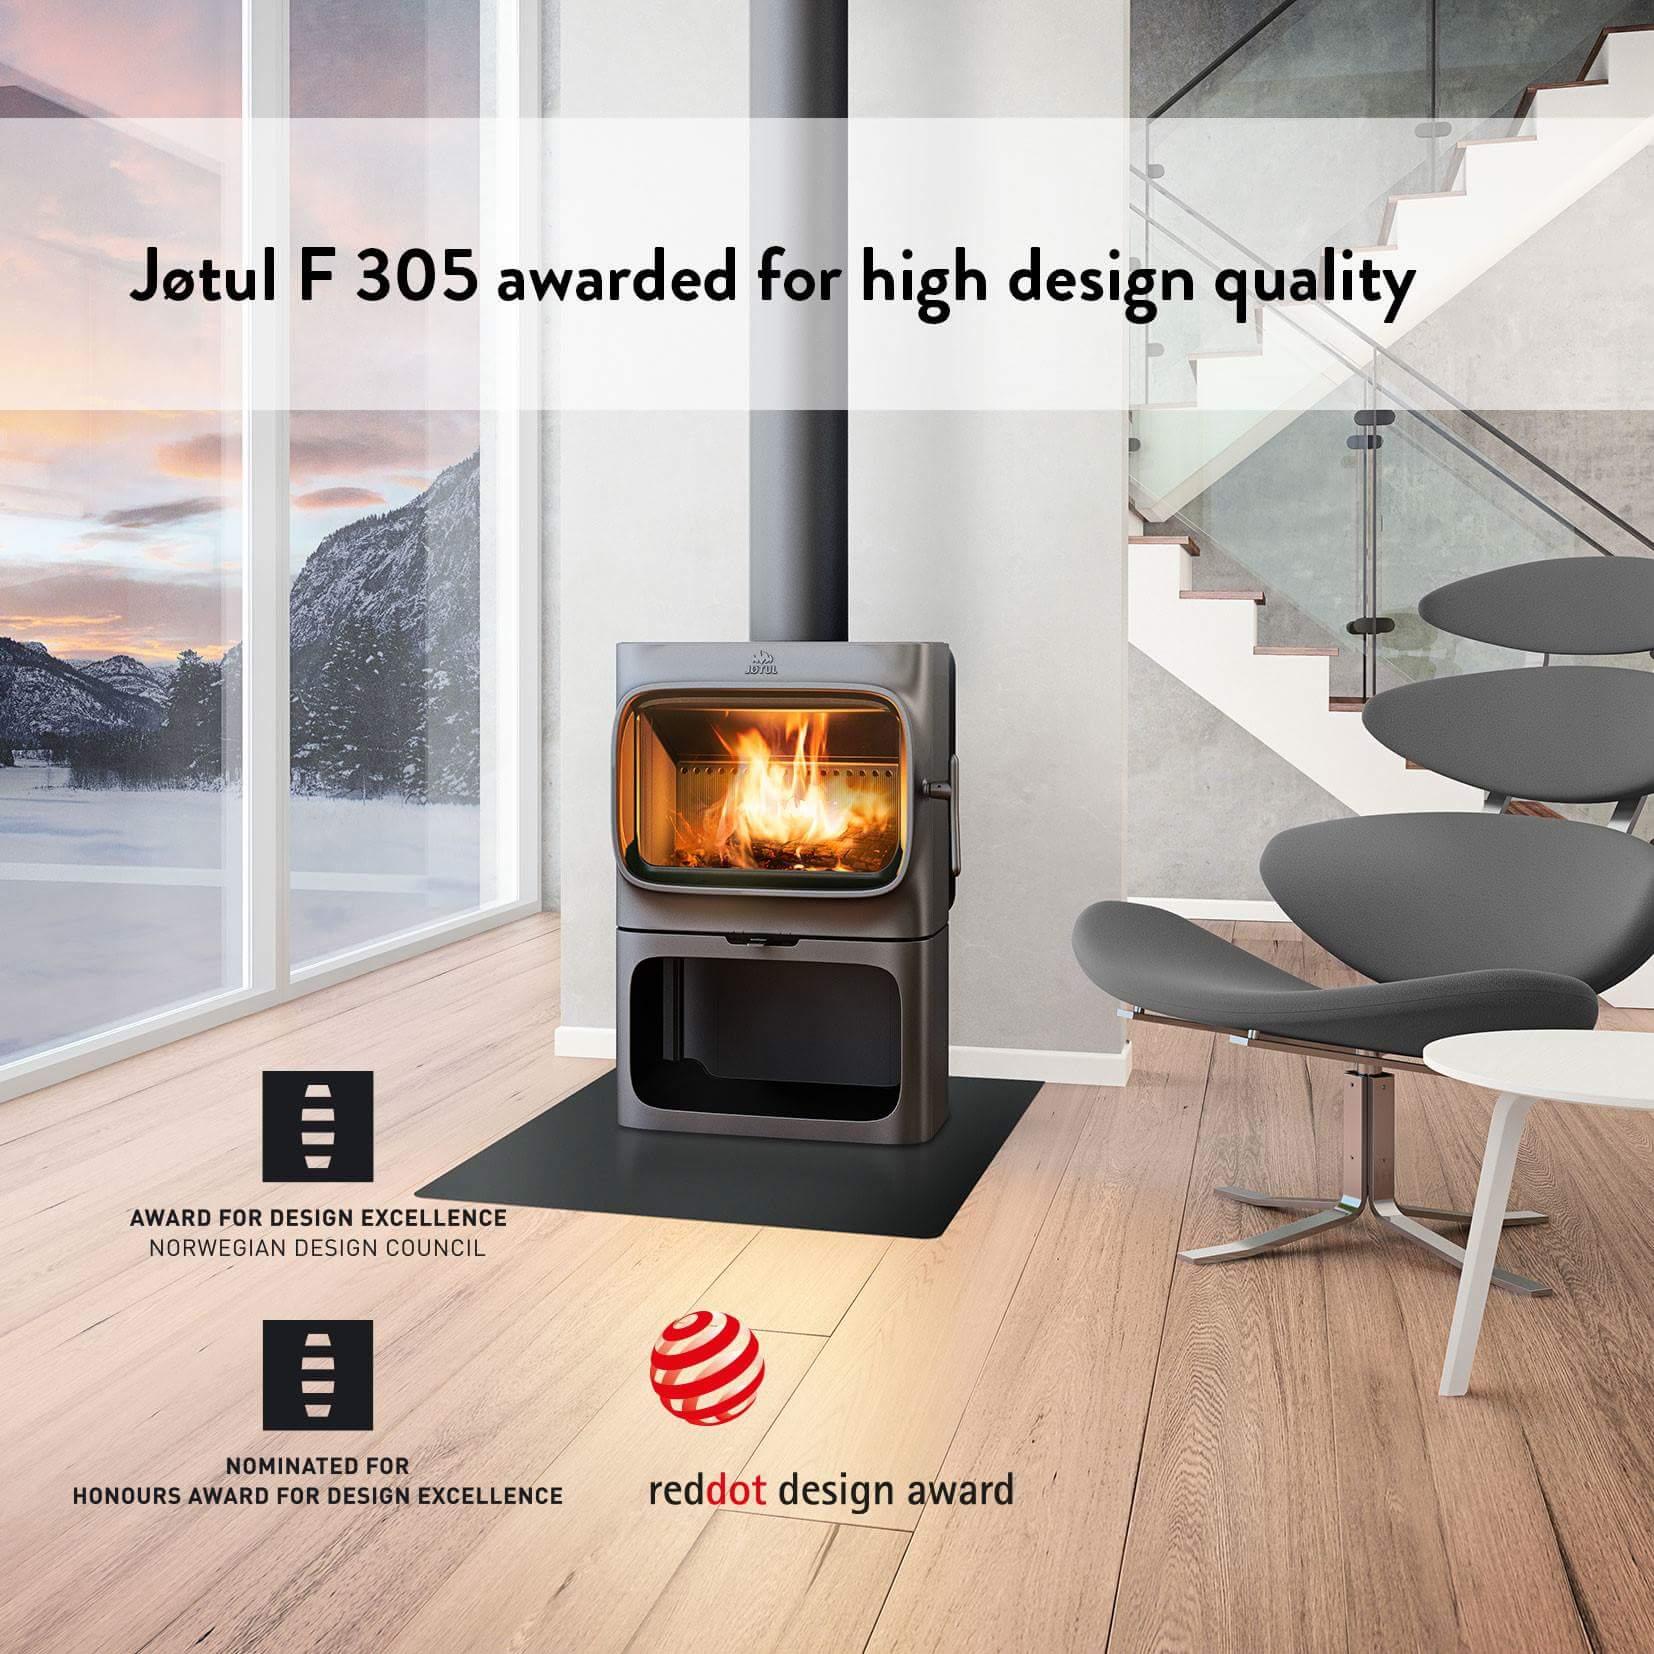 Jotul houtkachel F305 genomineerd voor belangrijke design award